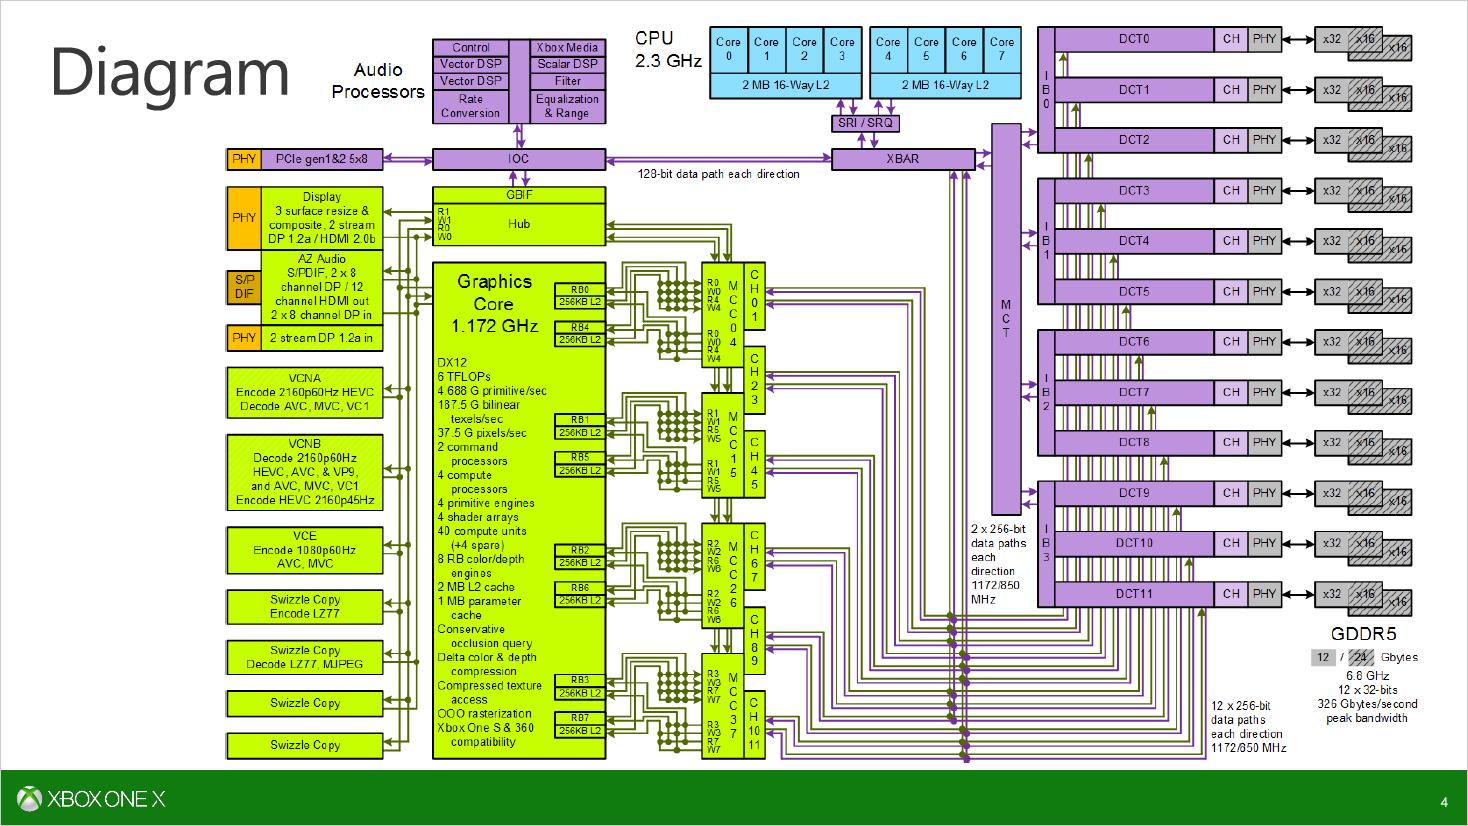 Scorpio Engine: Microsoft erläutert SoC der Xbox One X - Blockdiagramm der Scorpio-Engine (Bild: Microsoft)